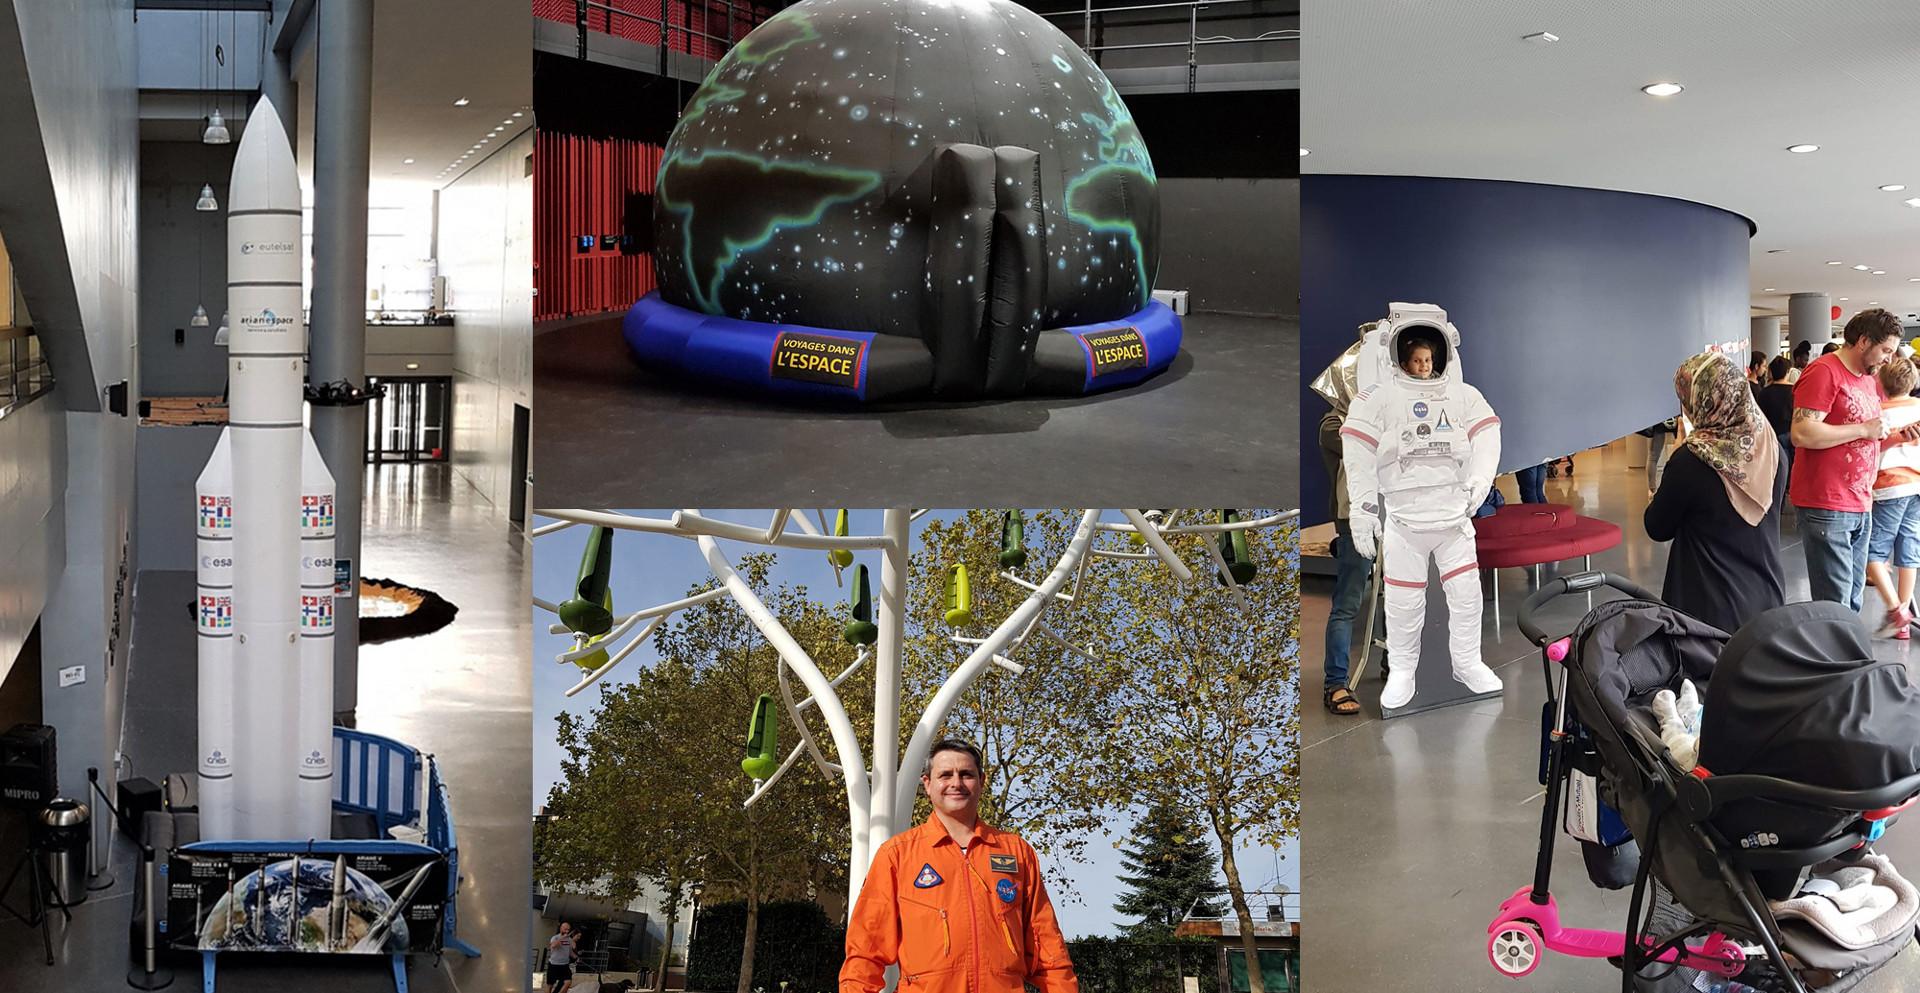 FHD_Vélizy_Fête_de_la_science_2.jpg